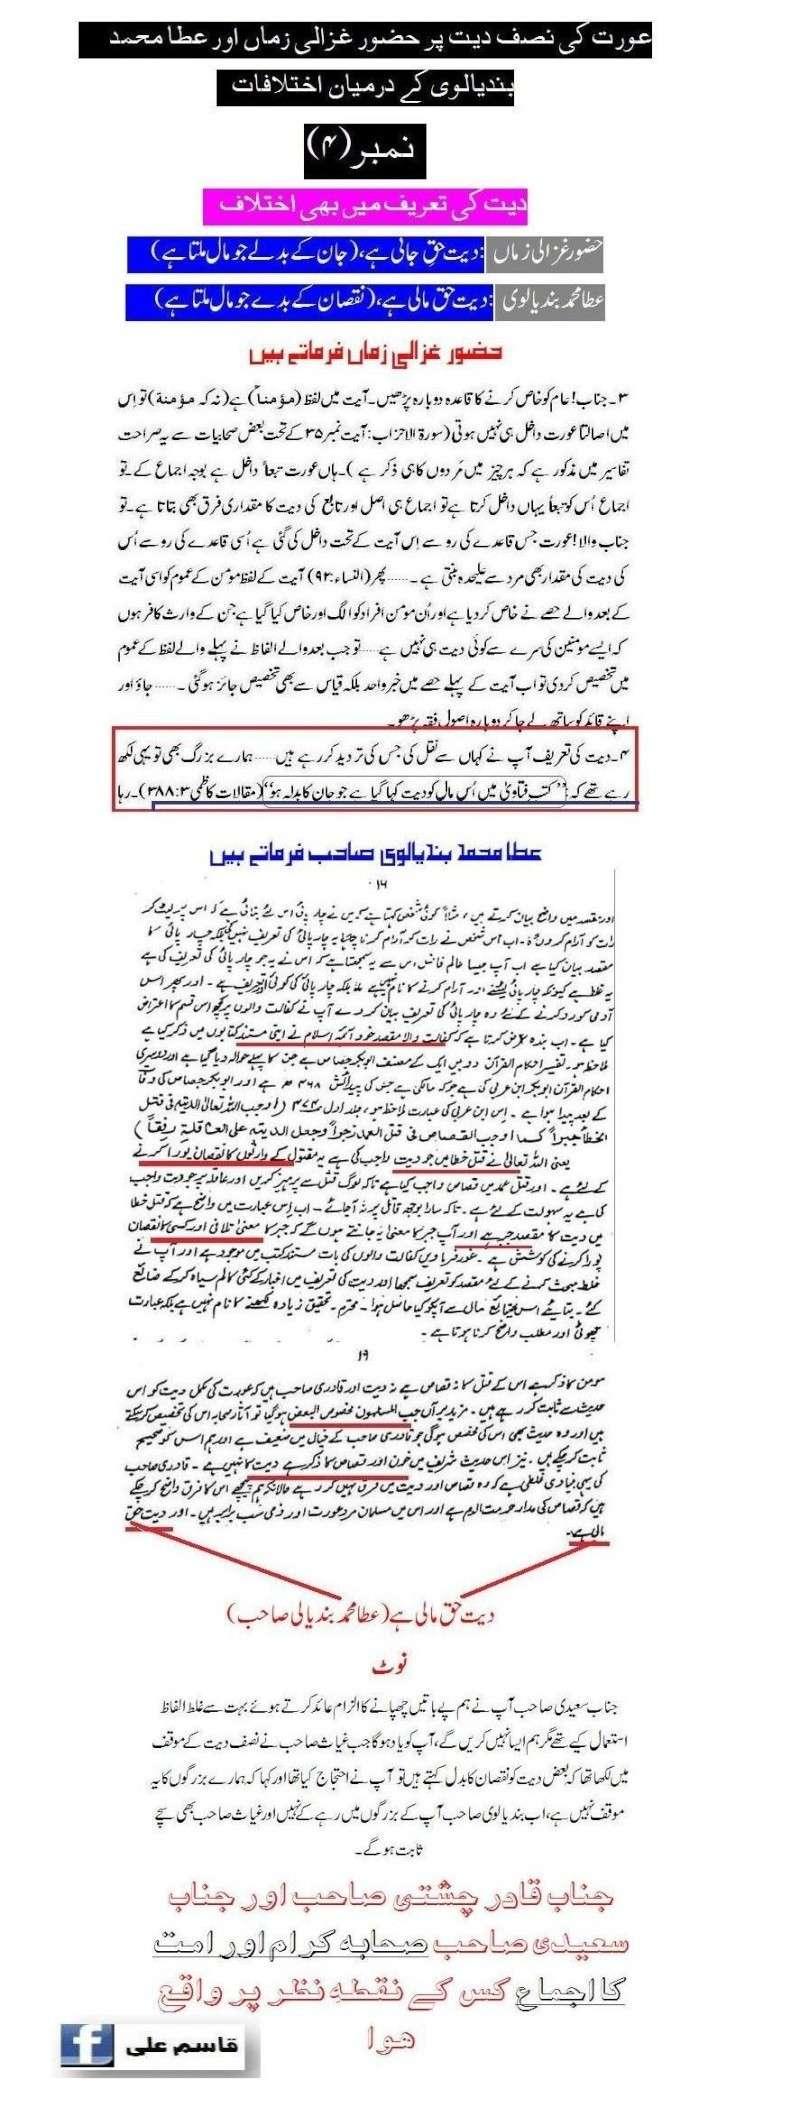 دیت کی جعلی فتوی فیکٹری پر منہاج القرآن کی فتح کا جھنڈا - Page 2 Post_311